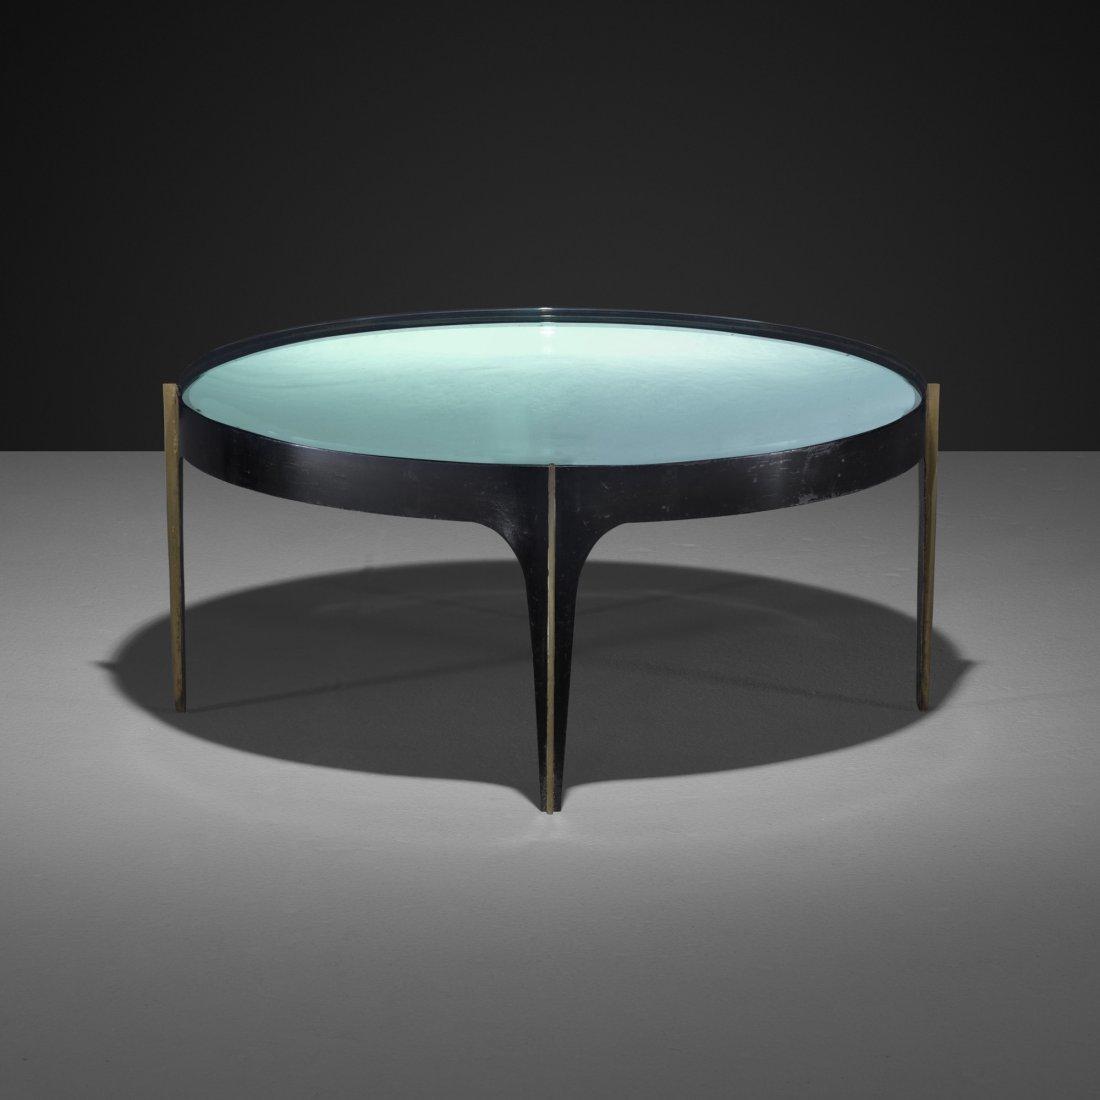 104: Fontana Arte coffee table